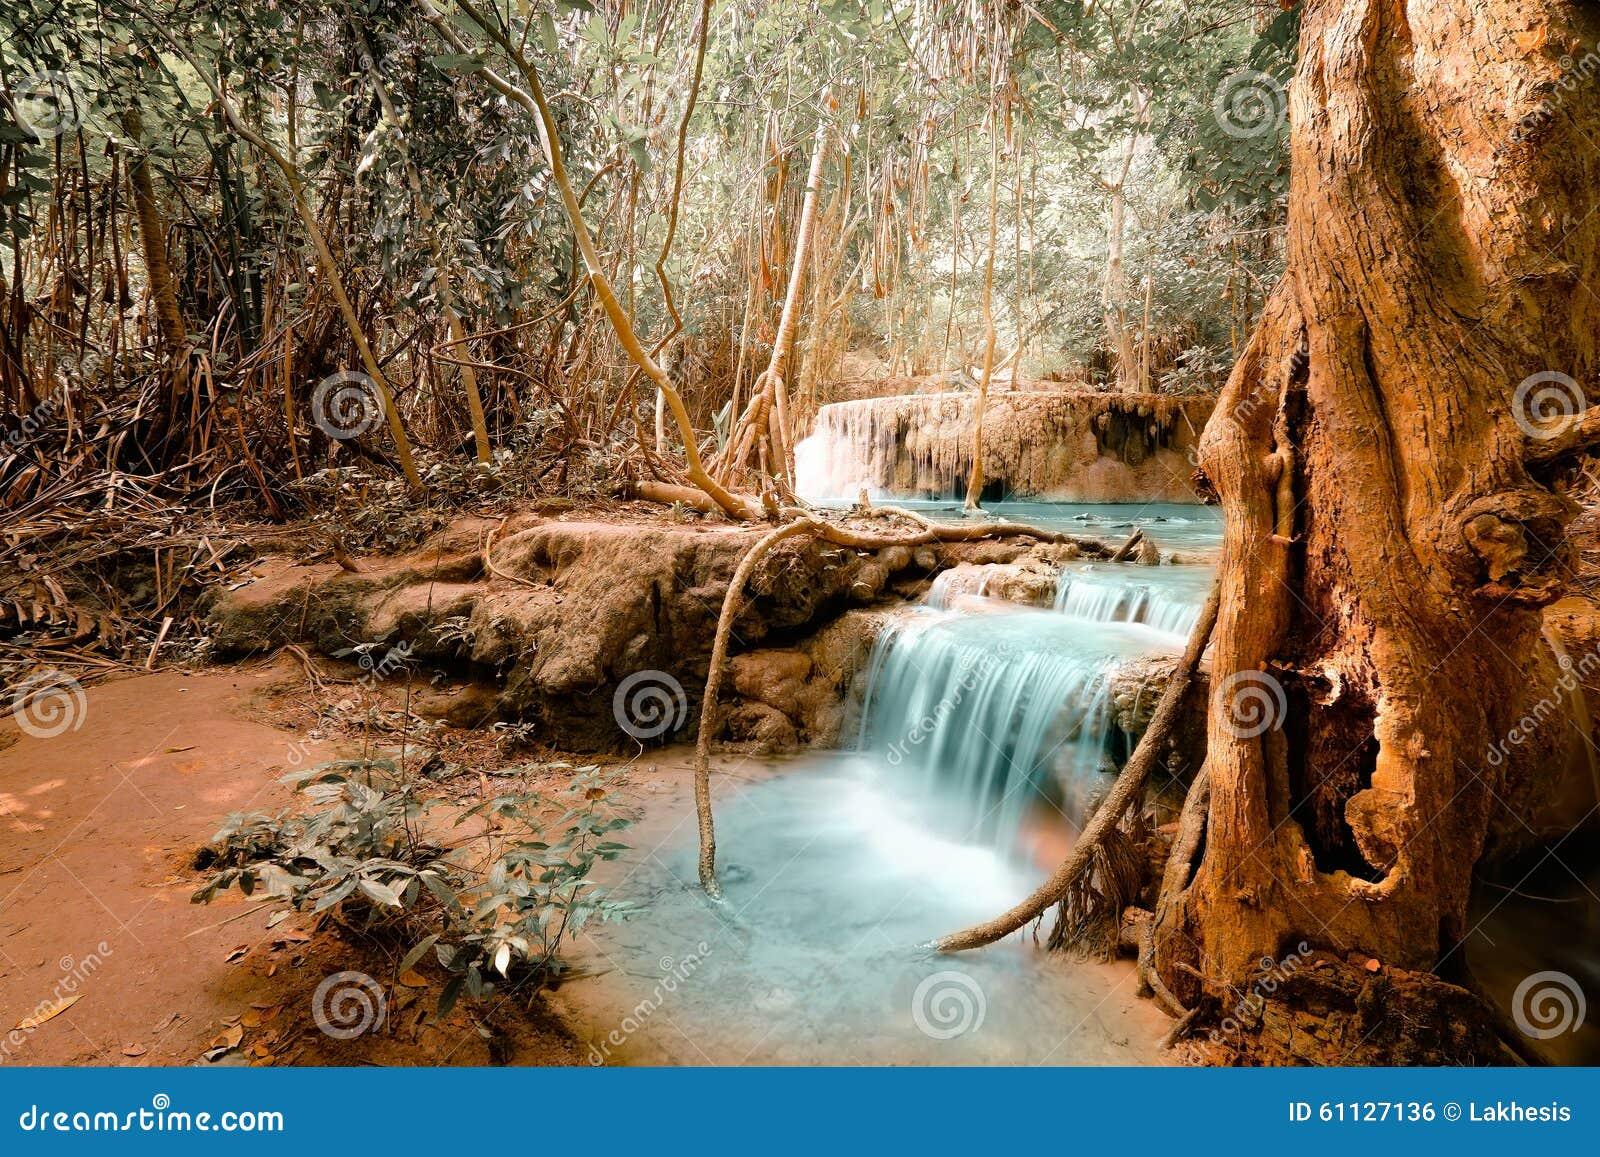 De fantasie klettert landschap met turkooise waterval